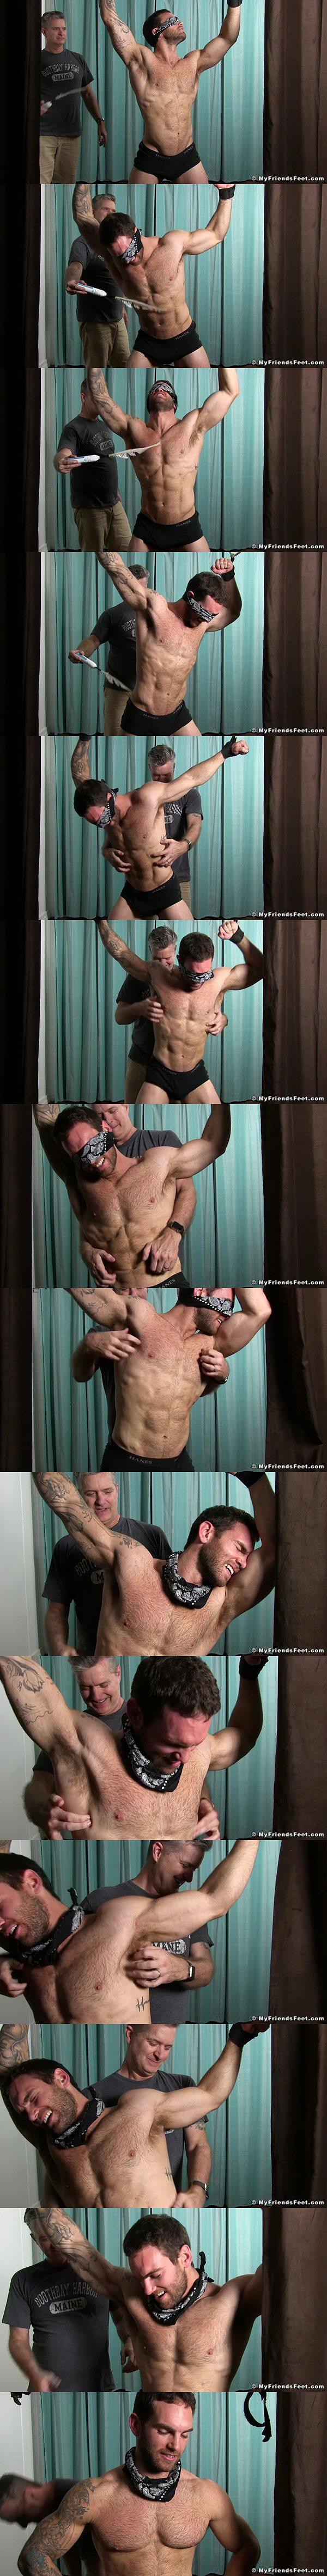 Myfriendsfeet - Chase Lachance and Sean Holmes Tickle Tortured 02